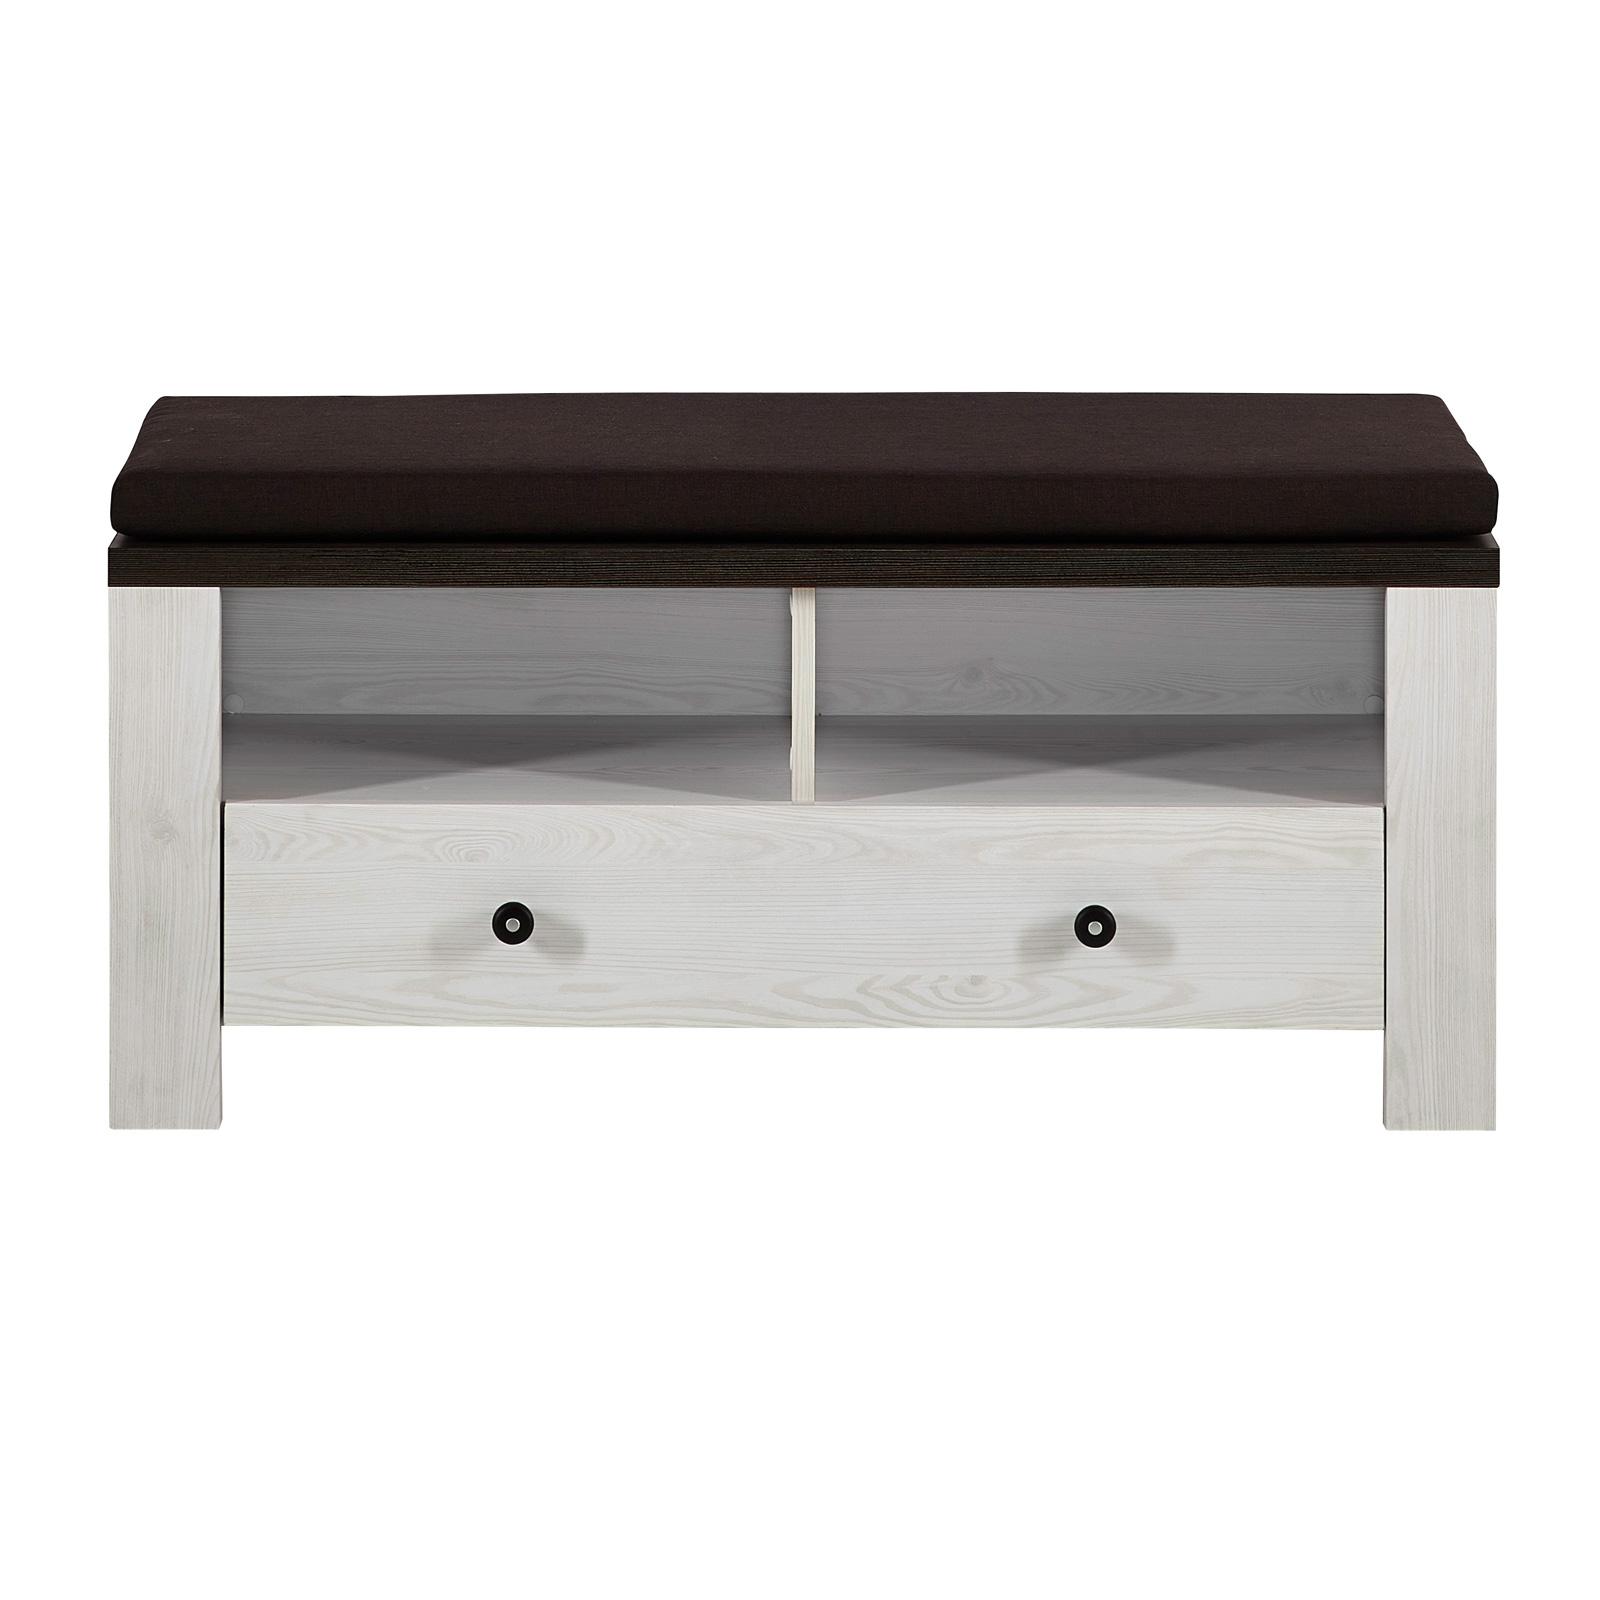 sitzbank antwerpen in l rche pinie dunkel mit sitzkissen schuhbank garderobe ebay. Black Bedroom Furniture Sets. Home Design Ideas